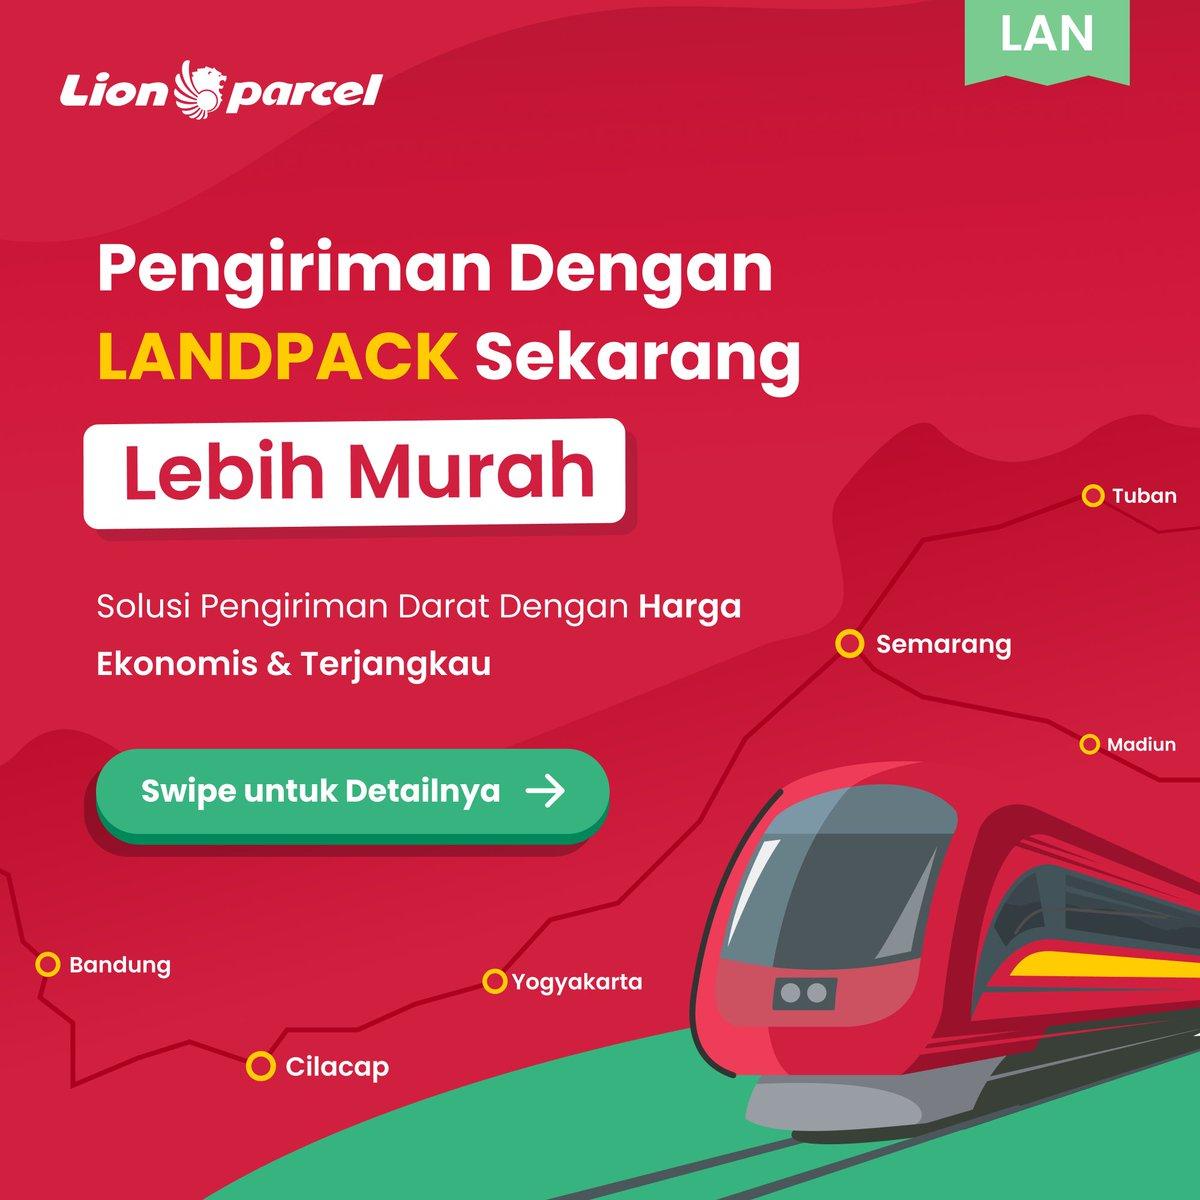 Kirim pakai layanan LANDPACK sekarang lebih murah!!! Cuslah yang mau kirim-kirim barang antar Pulau Jawa sekarang lebih murah, cepat dan pastinya aman!  Untuk harganya, cek di sini ya! 👉🏻 https://t.co/jBCIeXk4aR  #lionparcel #kirimkebaikan #kirimkankebaikan #landpack https://t.co/eVl2a25jP3